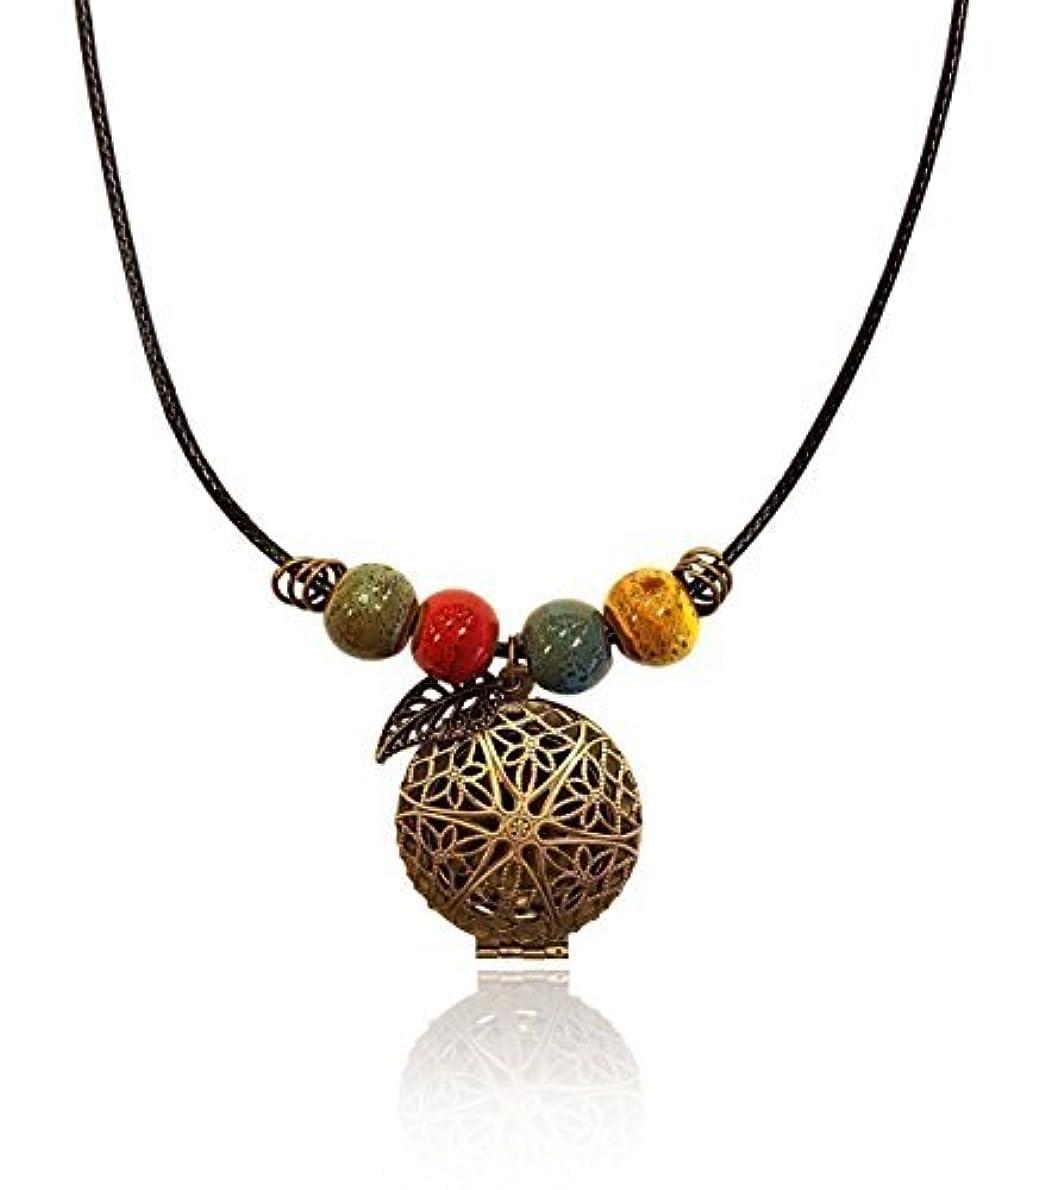 マニフェスト不器用ジョガーBrass-tone BOHO Colorful Bohemian Beaded Gypsy Essential Oil Diffuser Jewelry Aromatherapy Locket Pendant includes...